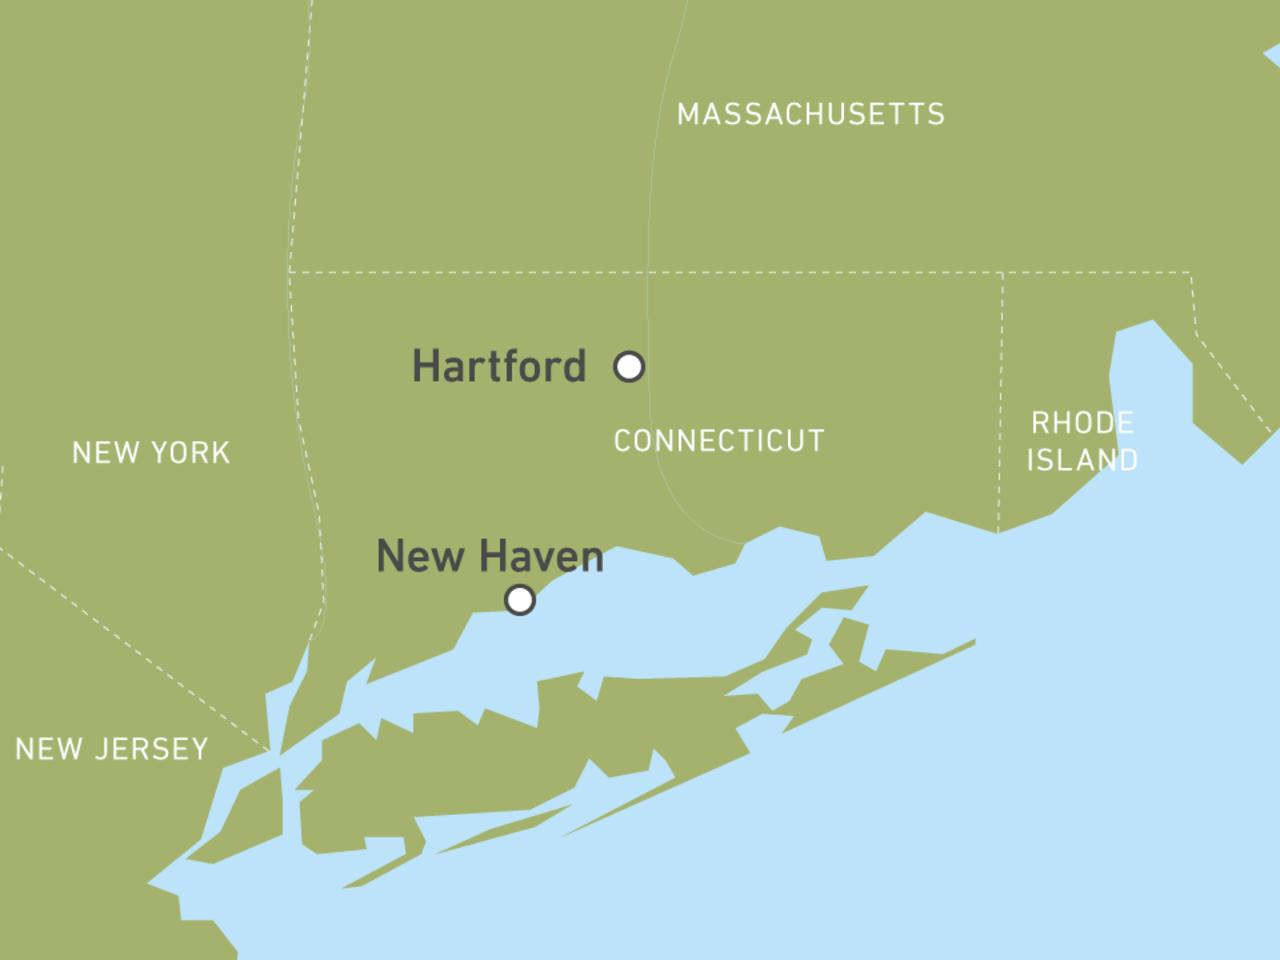 Connecticut-Reisen: Individuell vom Spezialisten! | CANUSA